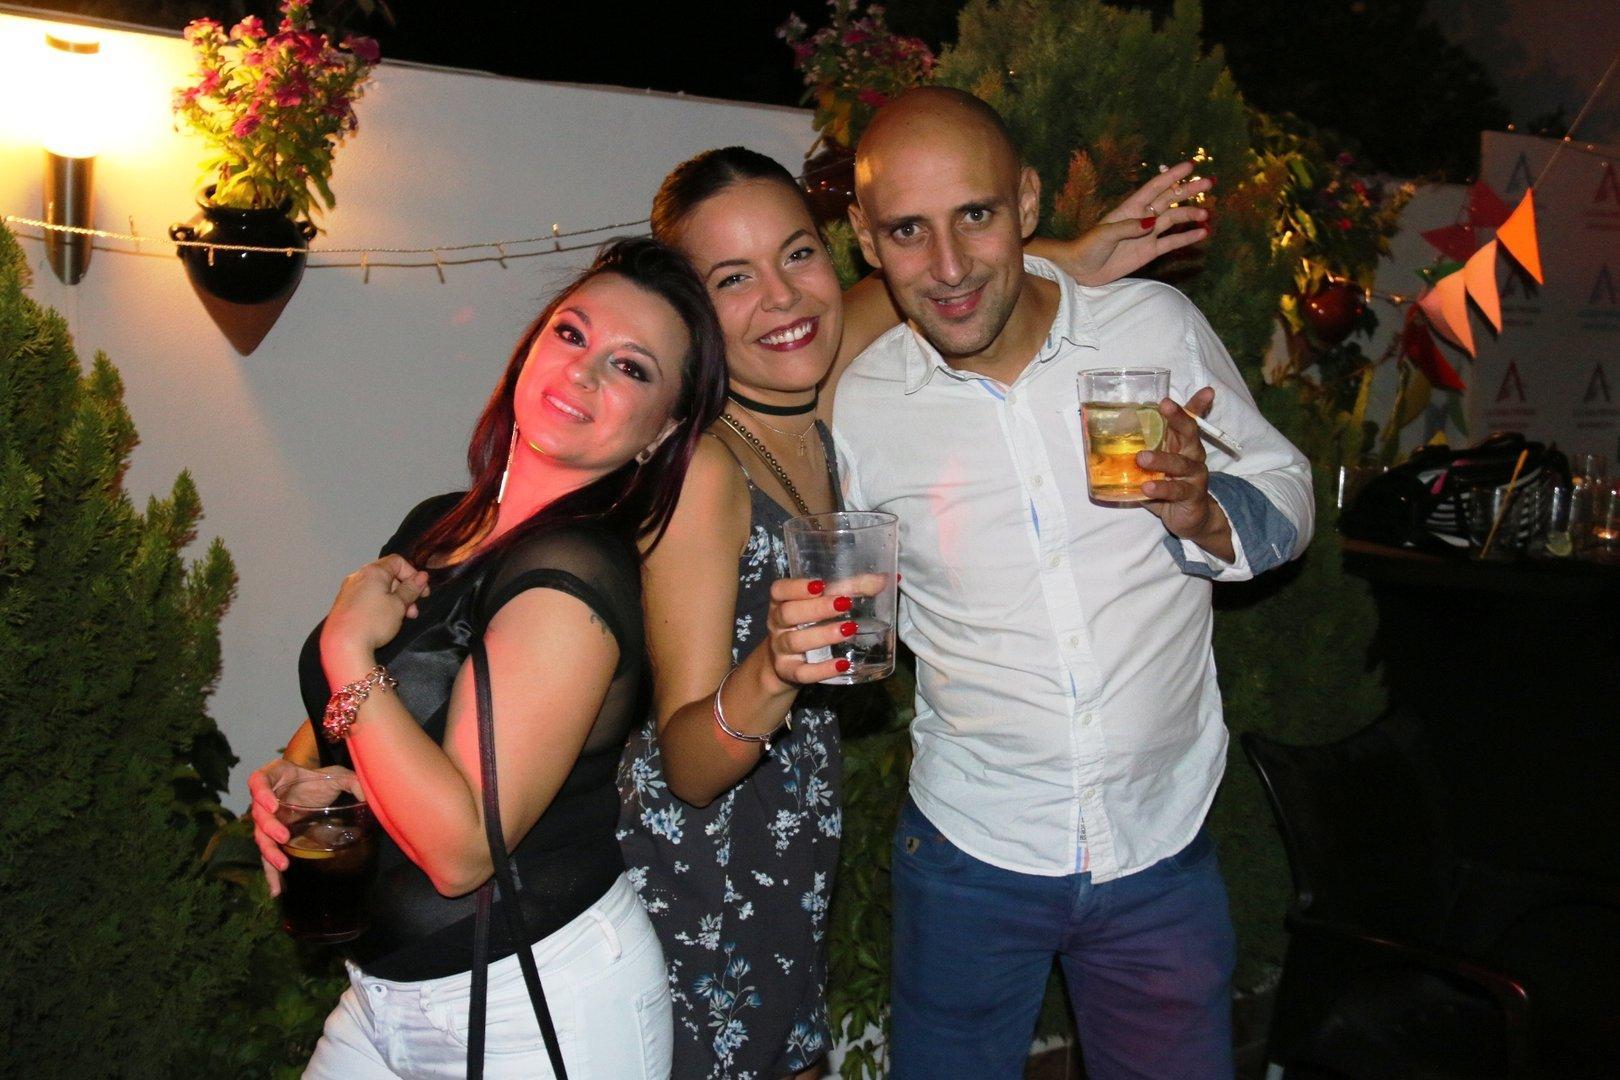 Fiestas de Ceutí 2016 en La Casa Pintada sabado 13